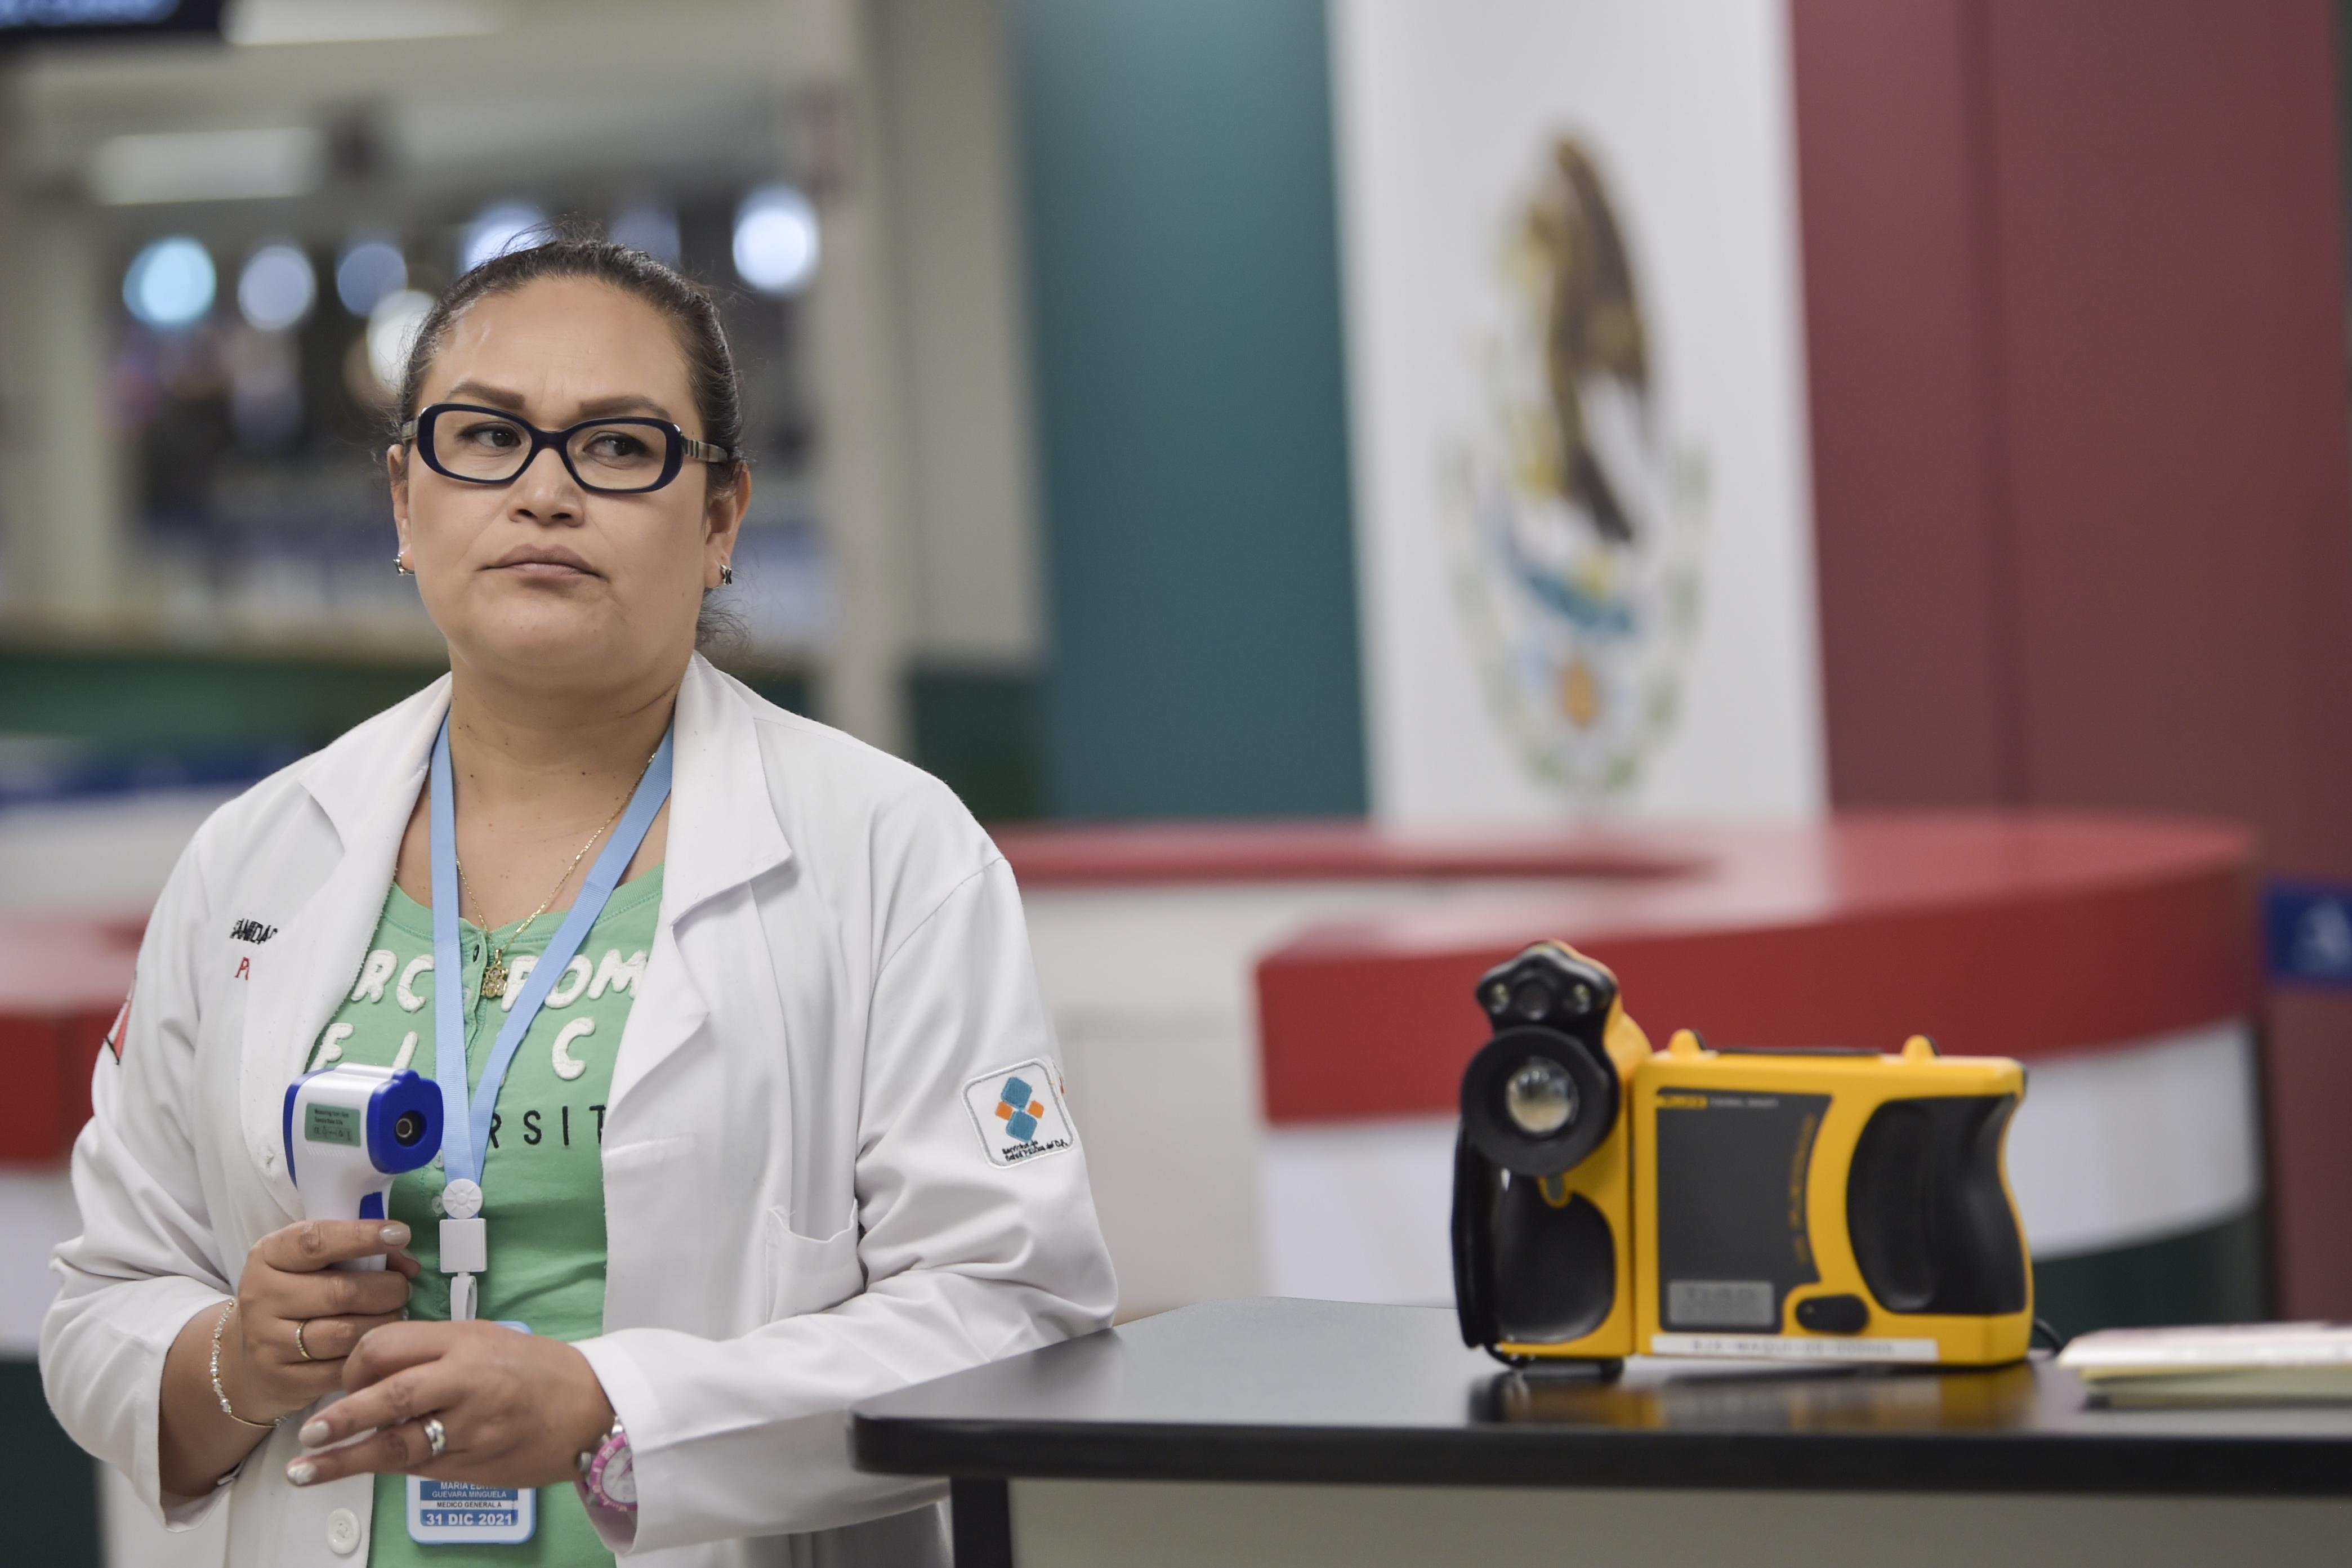 El personal de salud internacional verifica a los pasajeros con una cámara termográfica como medida preventiva contra la propagación del nuevo Coronavirus, COVID-19, en el Aeropuerto Internacional Benito Juárez de la Ciudad de México, el 13 de marzo de 2020.